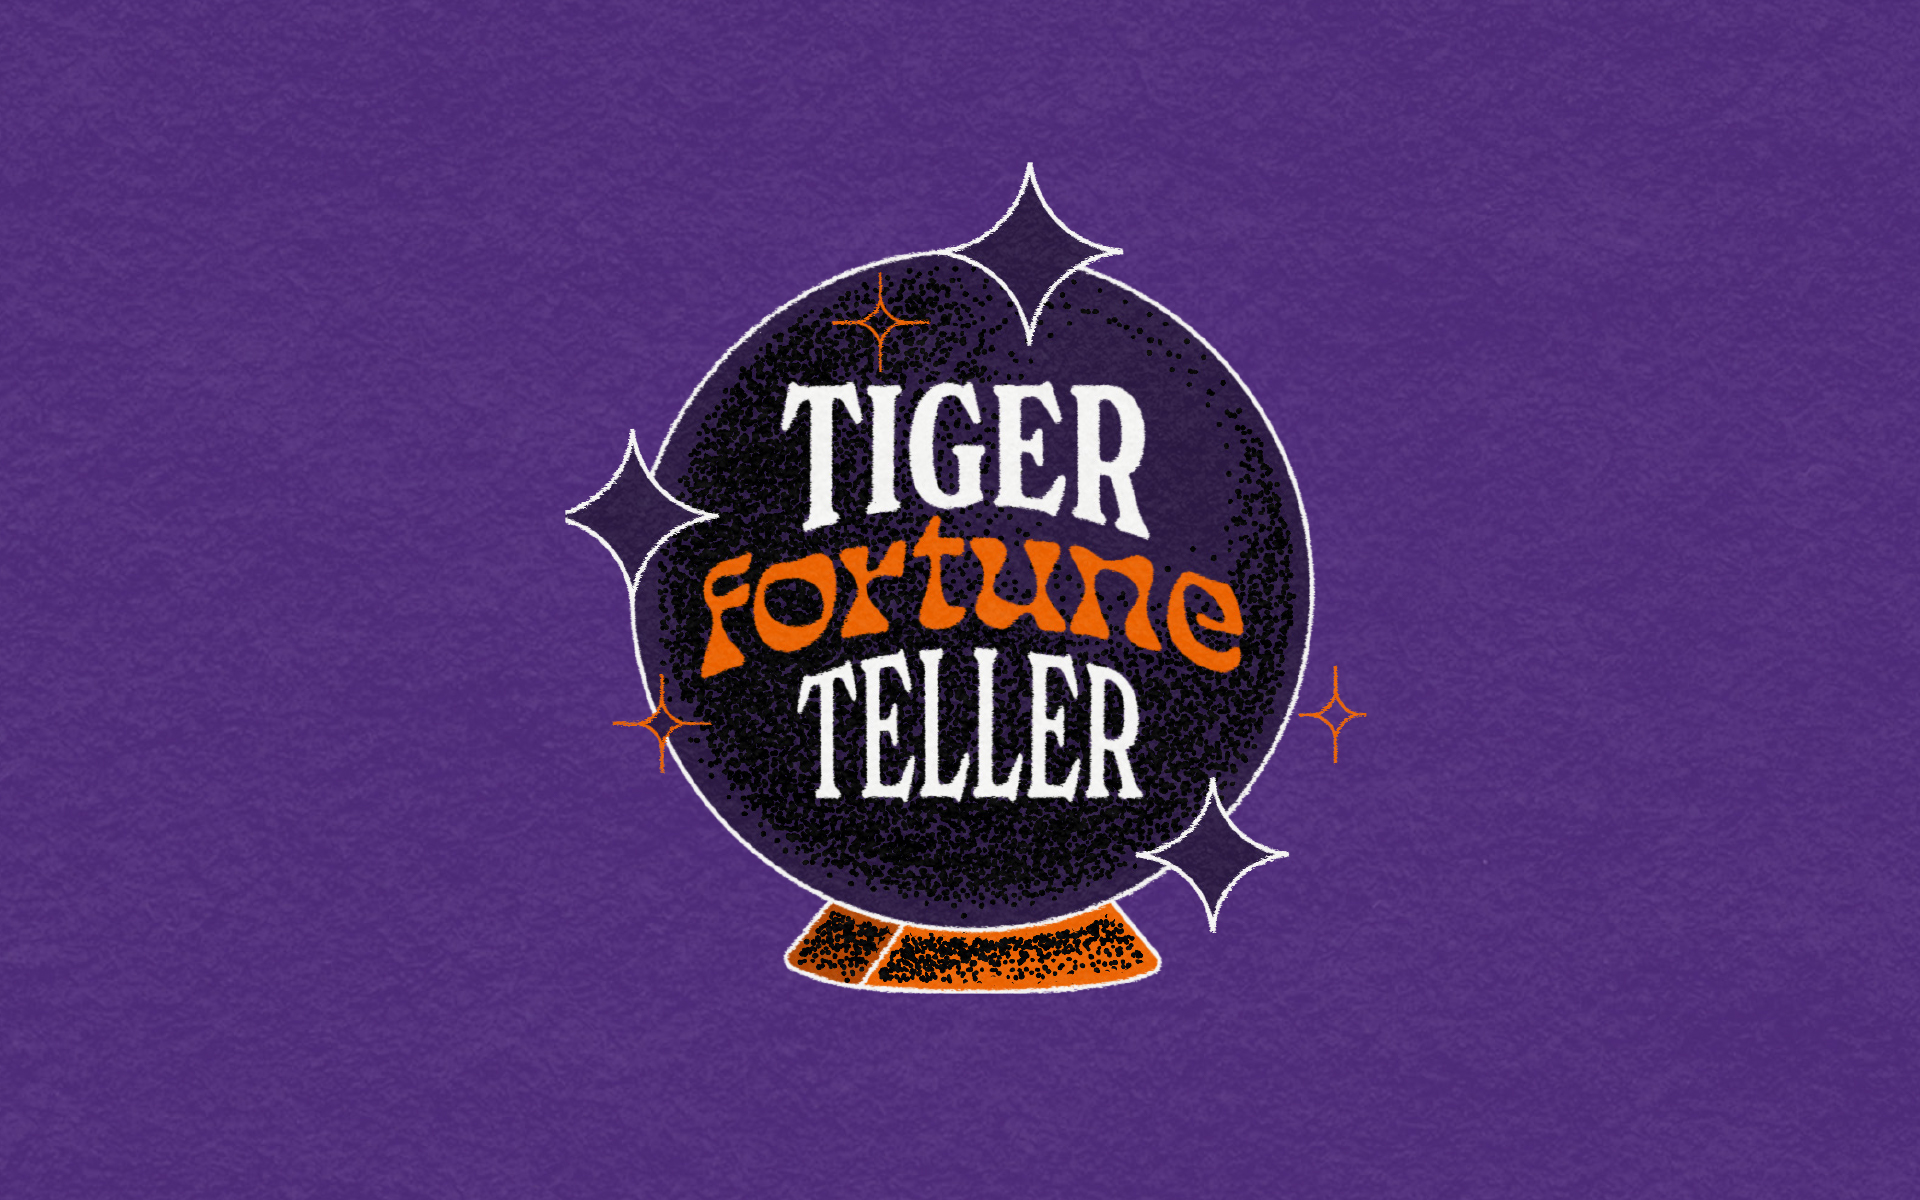 Clemson University Tiger Fortune Teller